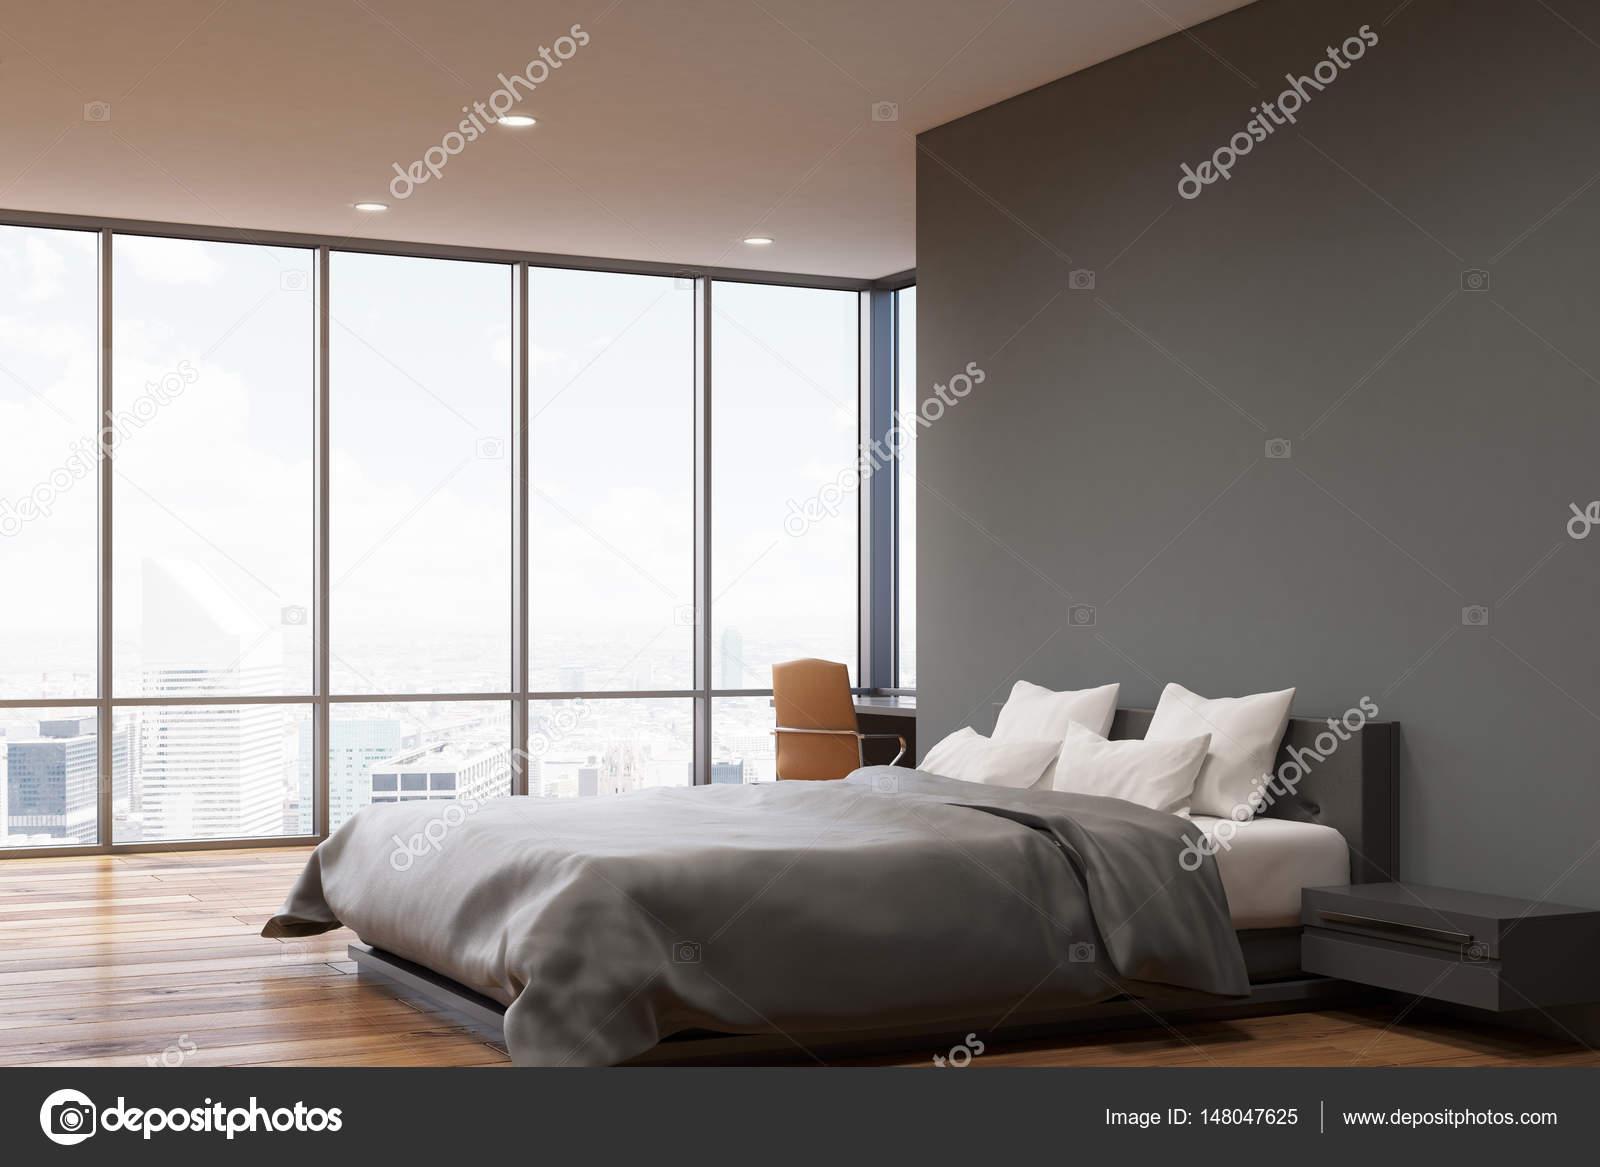 Camera da letto parete grigio scuro, side — Foto Stock ...